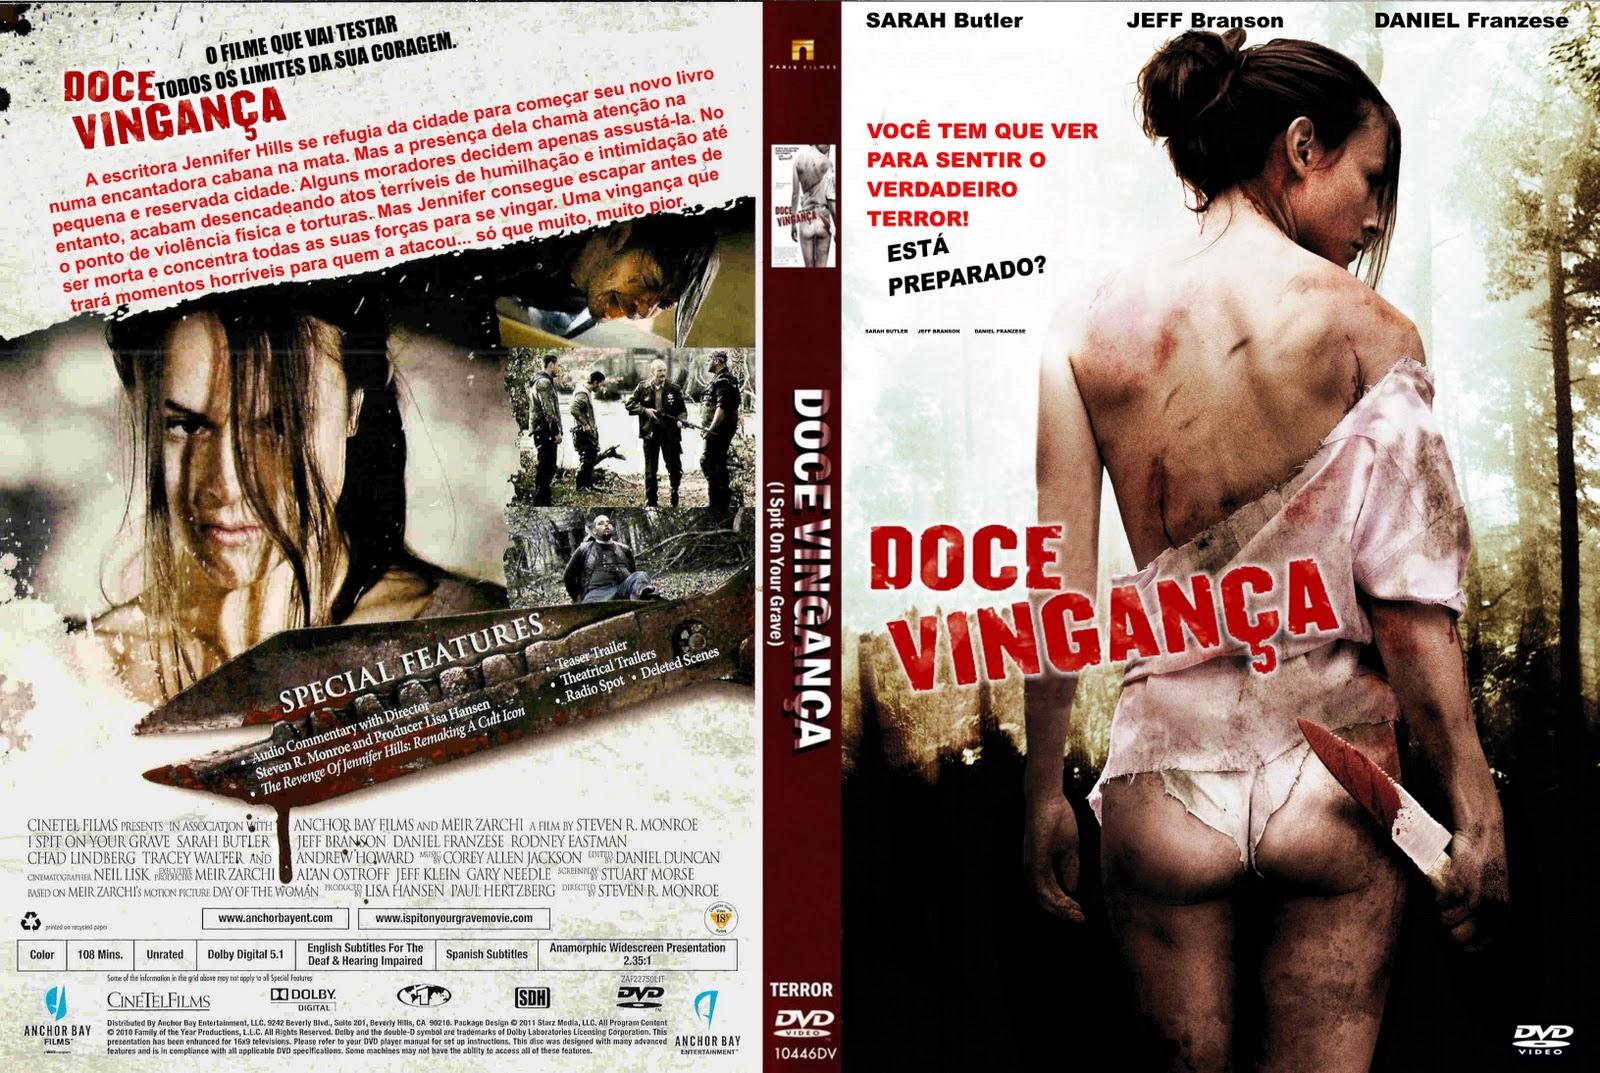 http://1.bp.blogspot.com/-09Bm5Ben1rE/TtVWC7E2jzI/AAAAAAAABrE/A_TXpwm8ORs/s1600/Doce+Vingan%25C3%25A7a+%2528capa+2%2529.JPG